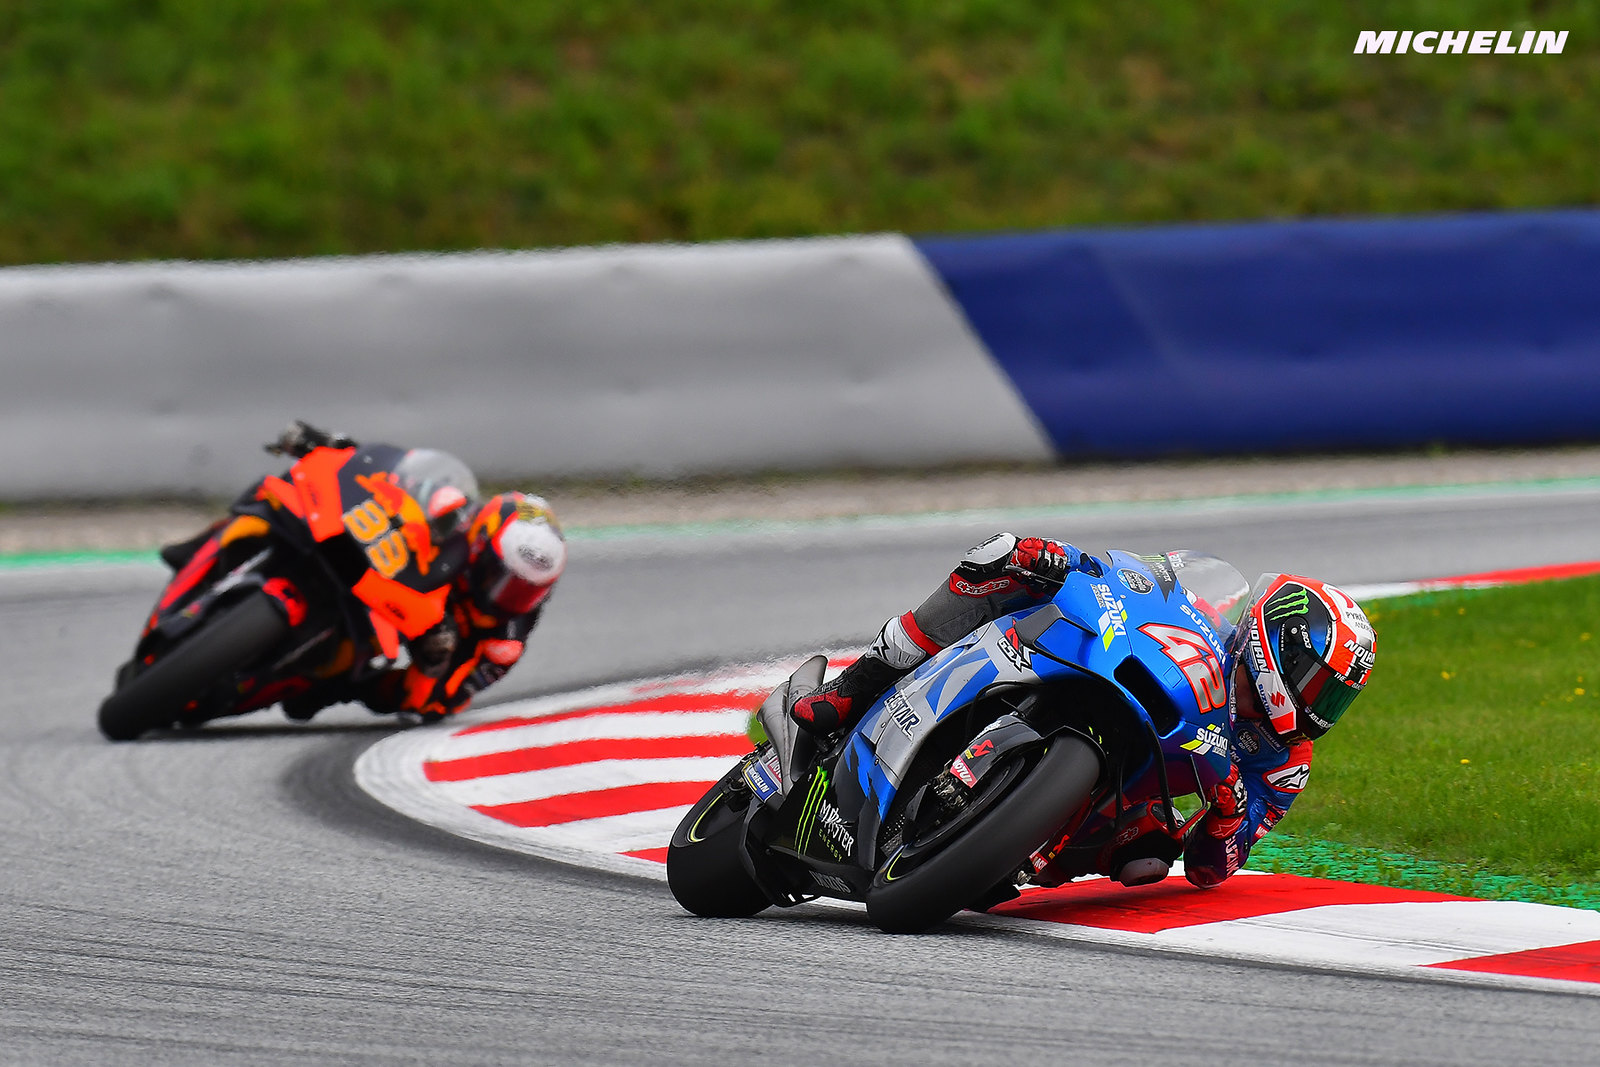 MotoGP2021スティリアGP 7位アレックス・リンス「ブレーキングに自信が持てなかった」